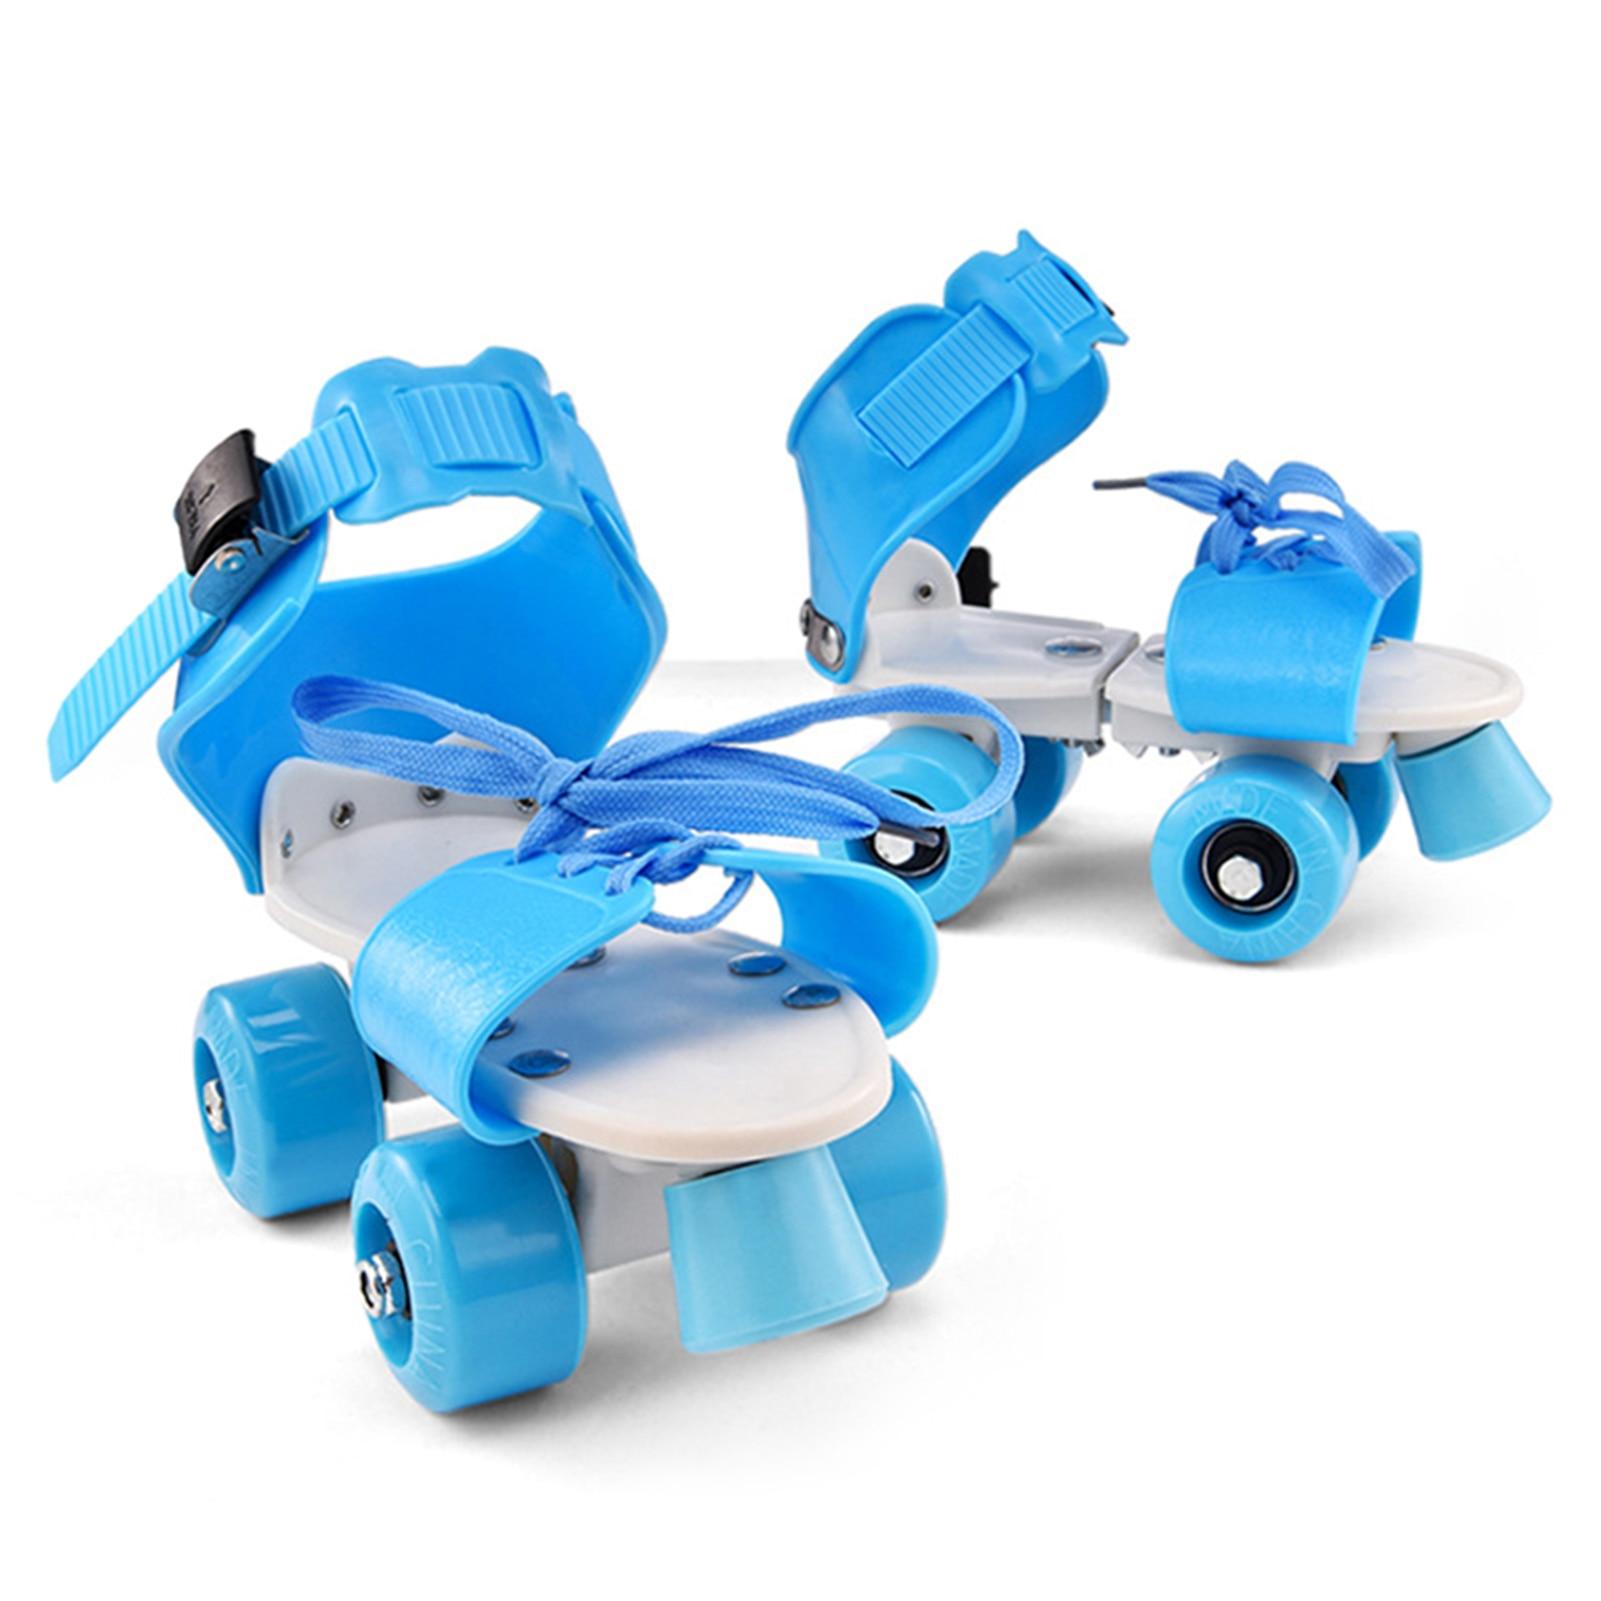 Adjustable Size Children Roller Skates Double Row Skates Skating Shoes Double Wheels Skates for Beginners Girls Boys